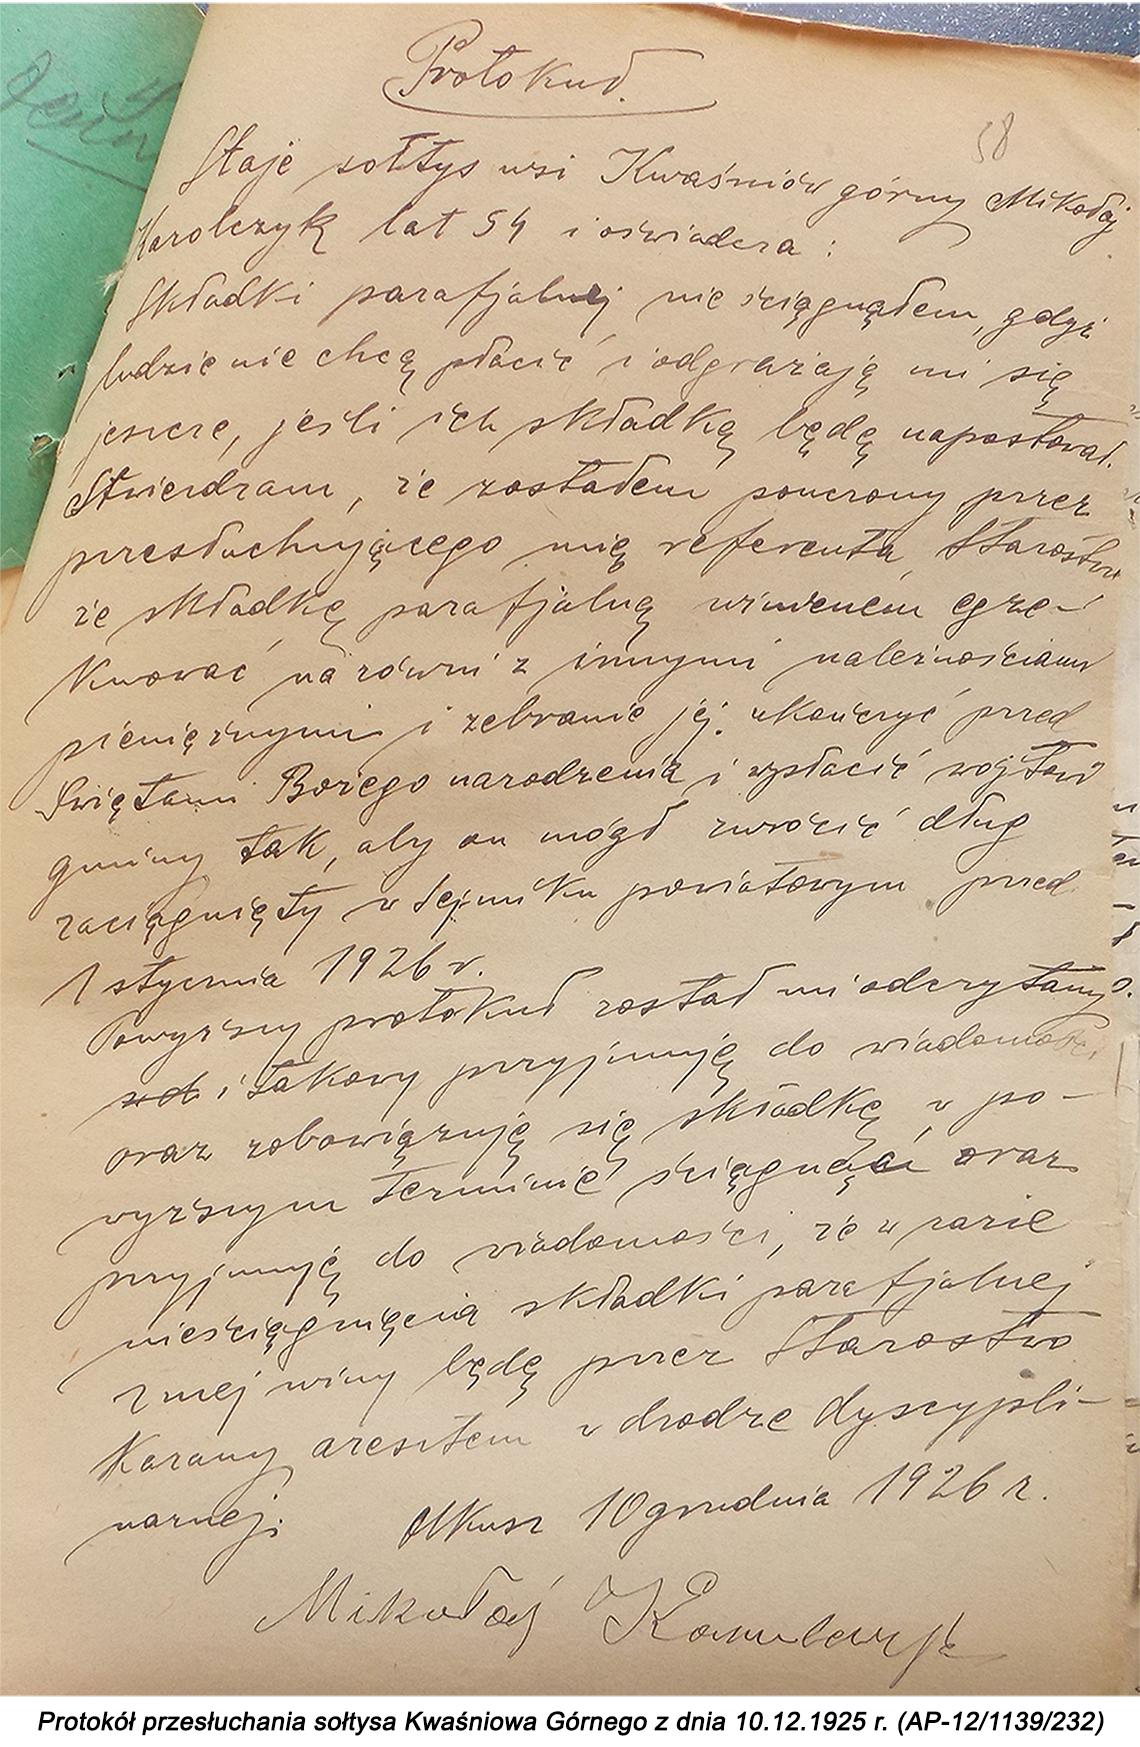 Protokół przesłuchania sołtysa Kwaśniowa Górnego z dnia 10.12.1925 r. (AP-12/1139/232)